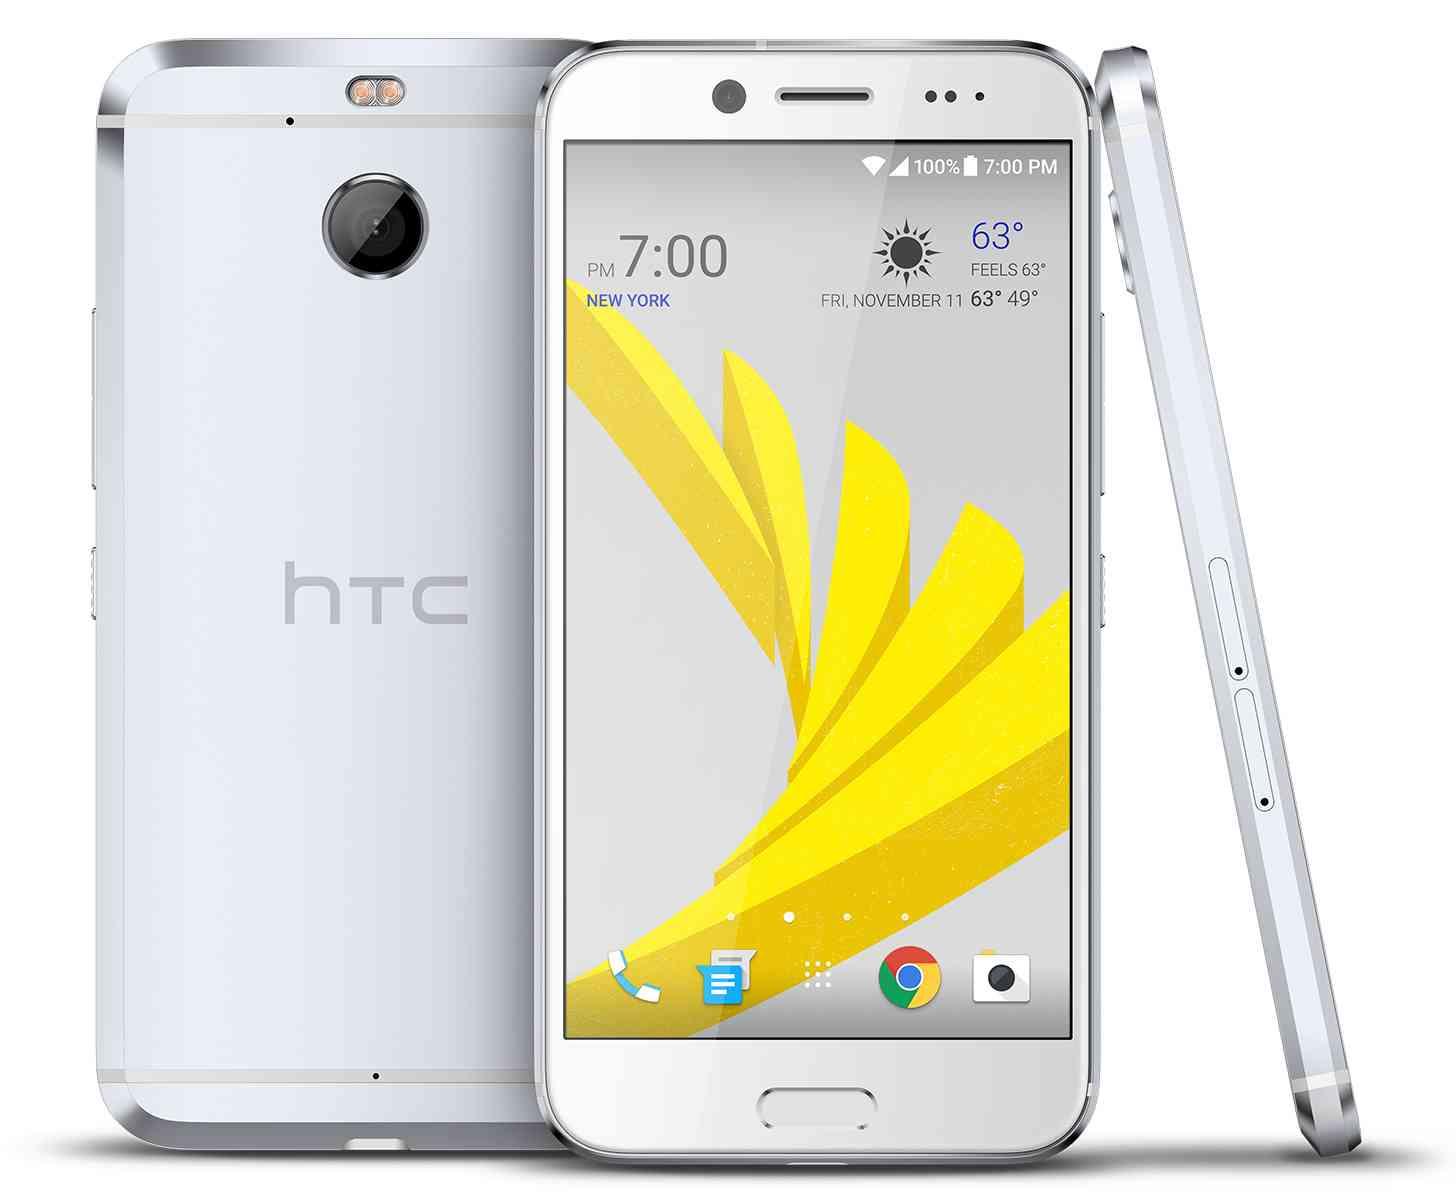 HTC Bolt Sprint official